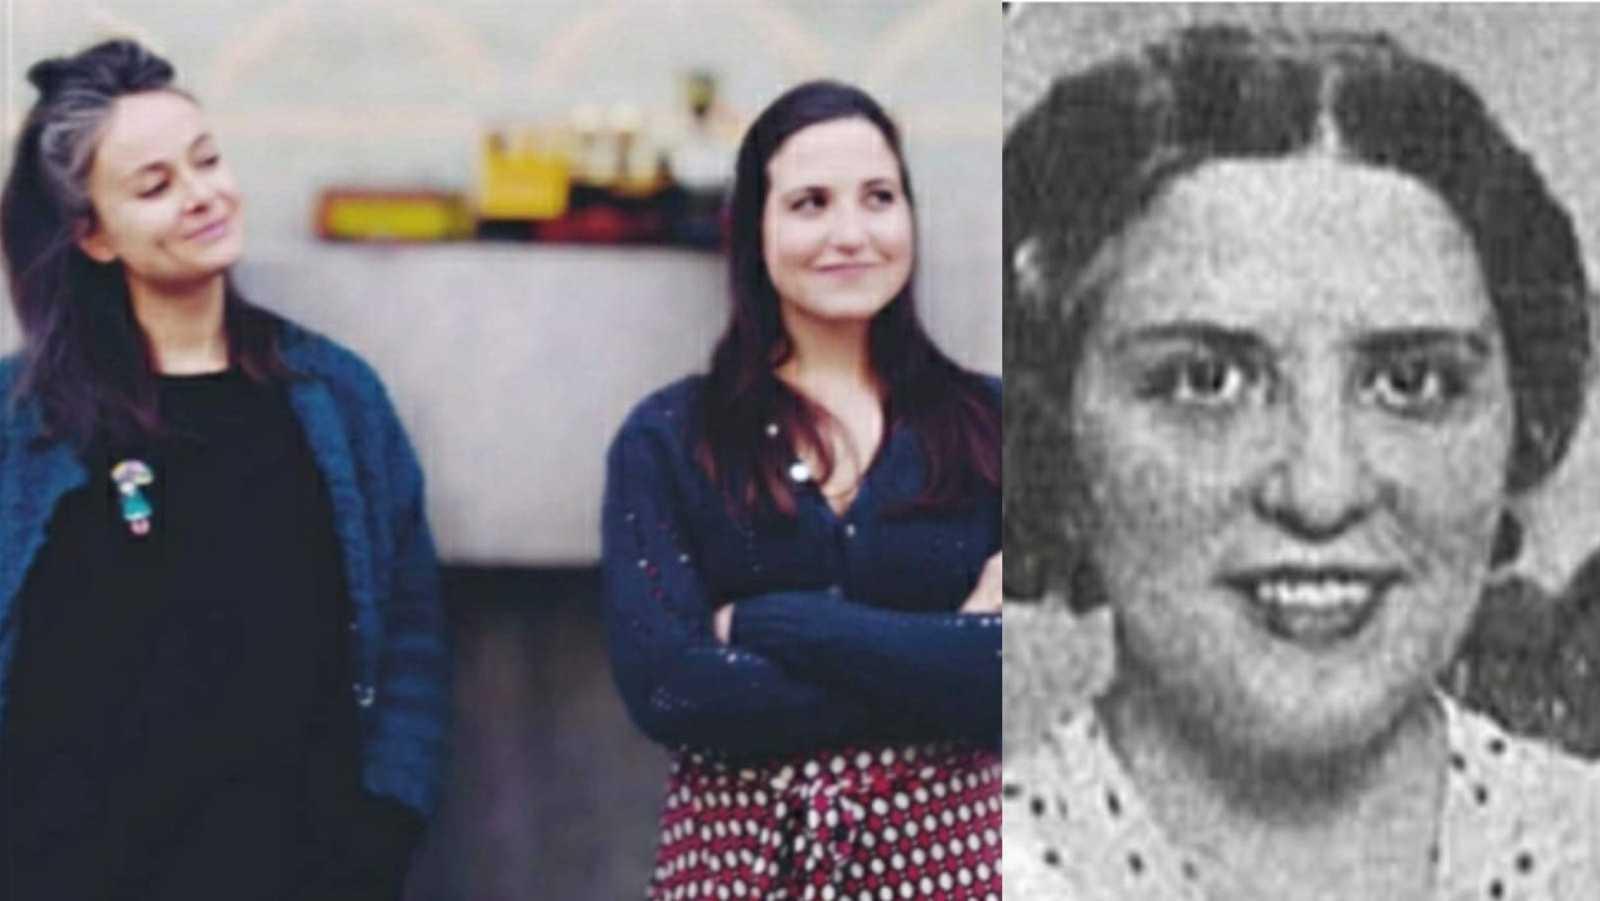 La sala - Traviesas de ferrocarril: Halma Angélico con Beatreiz Grimaldos y Camila Viyuela - 09/05/21 - Escuchar ahora